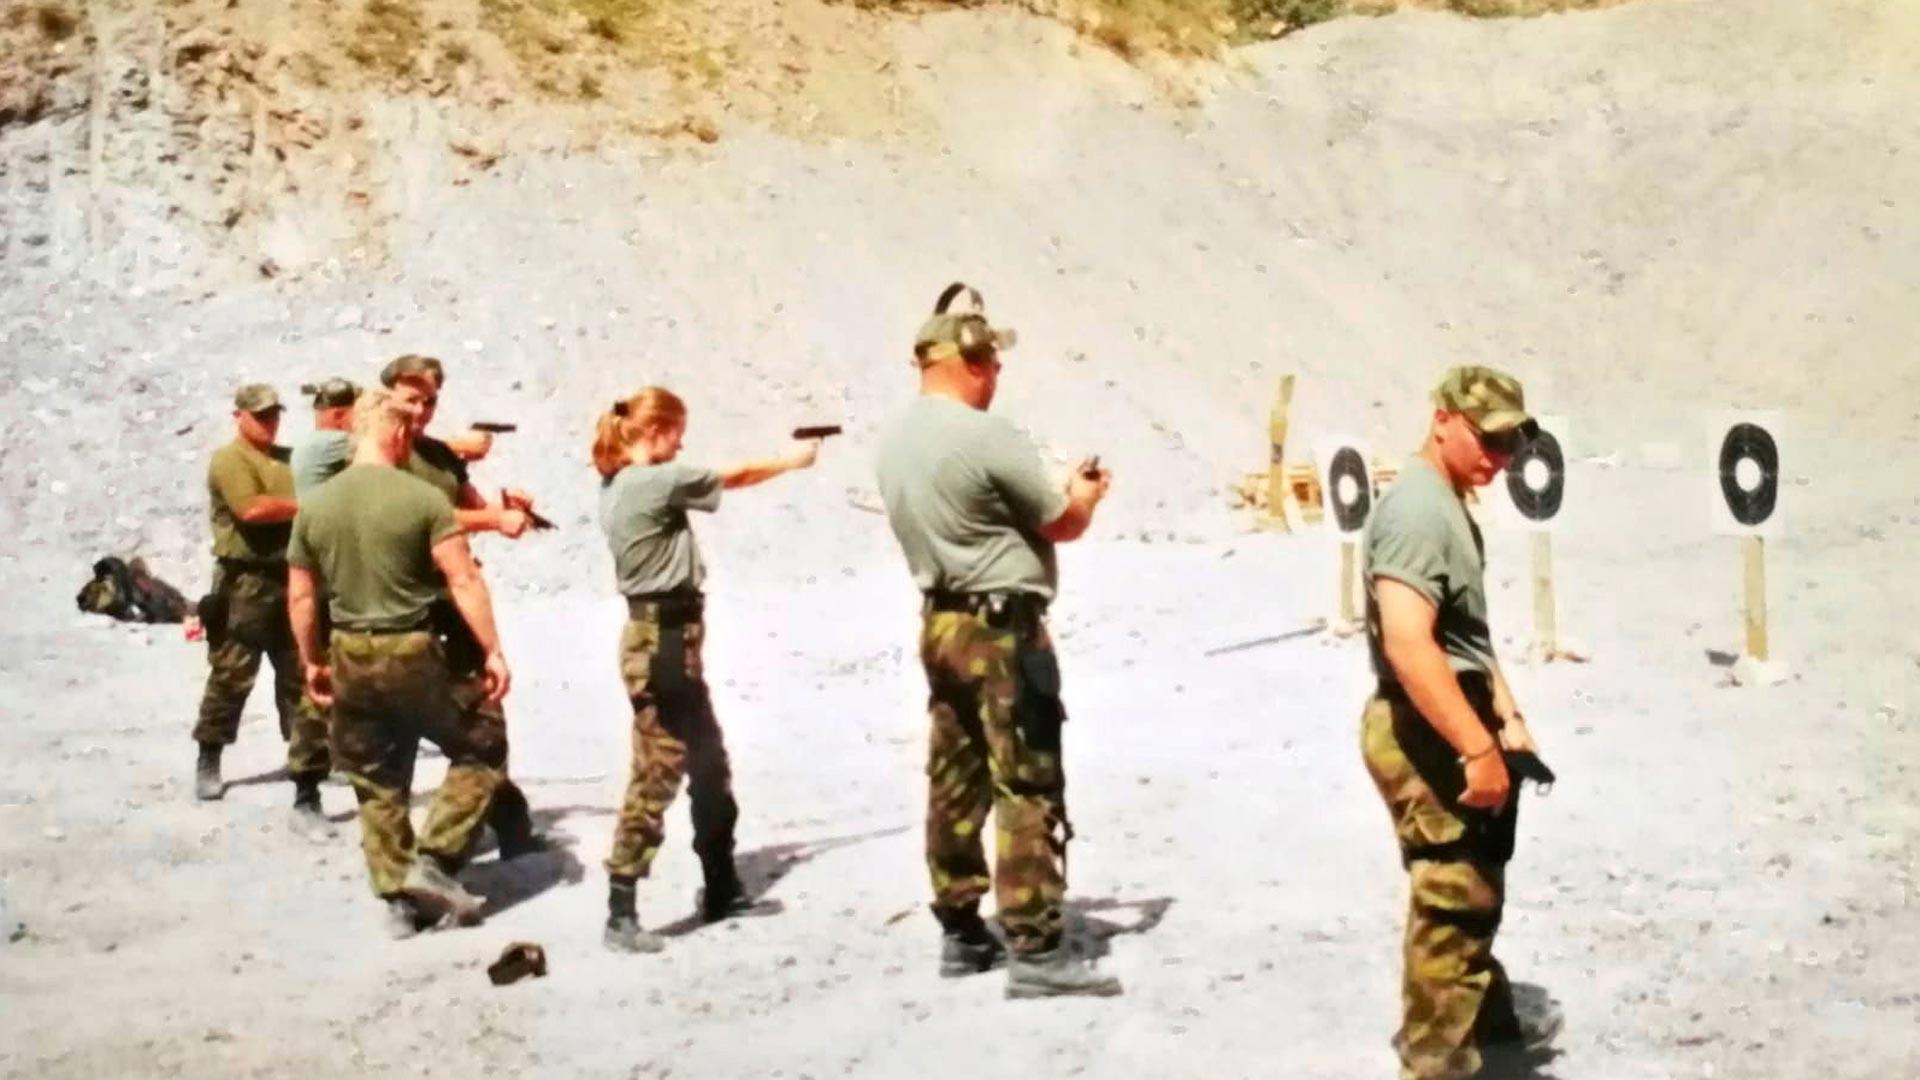 Aseiden hallinta kuuluu rauhanturvaajan perustaitoihin. Sitä harjoiteltiin Mitikan yksikössä paljon.